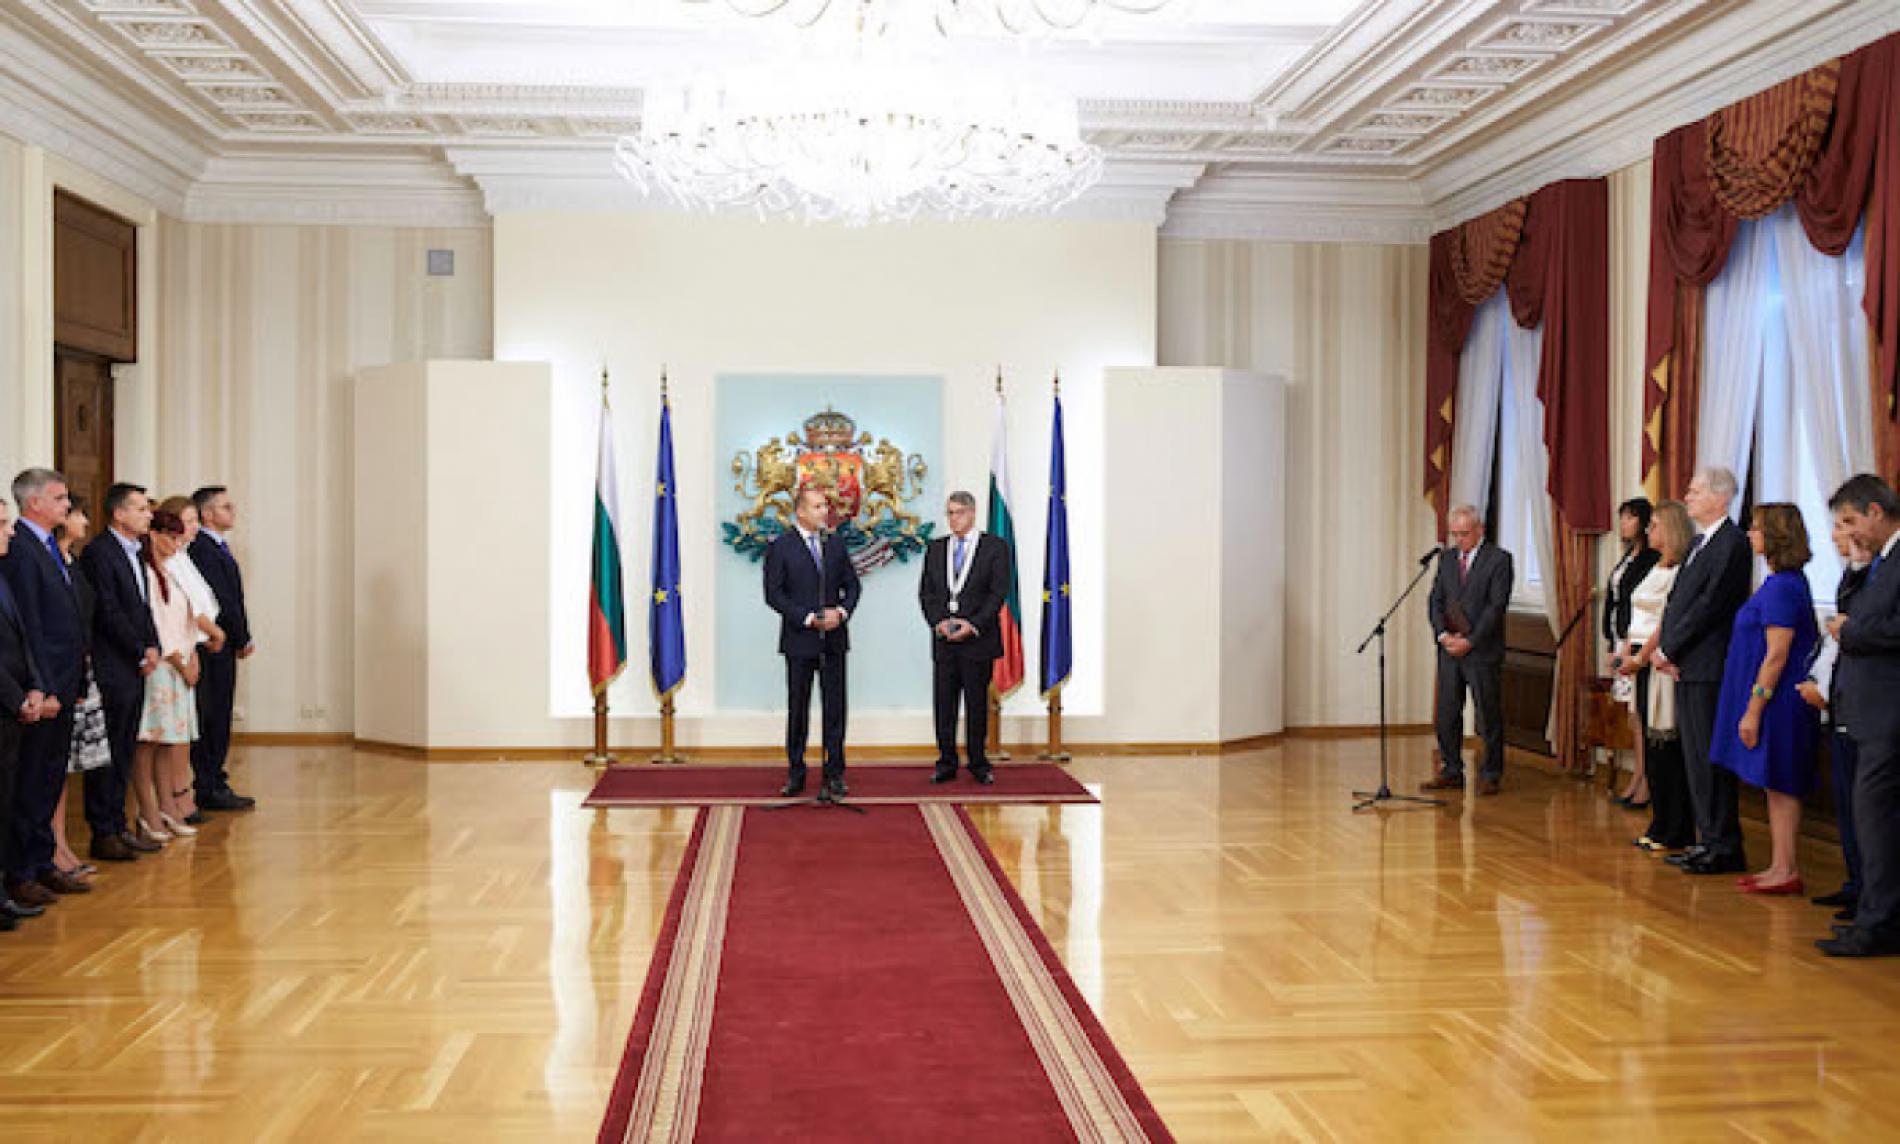 Президент вручил послу Греции орден первой степени